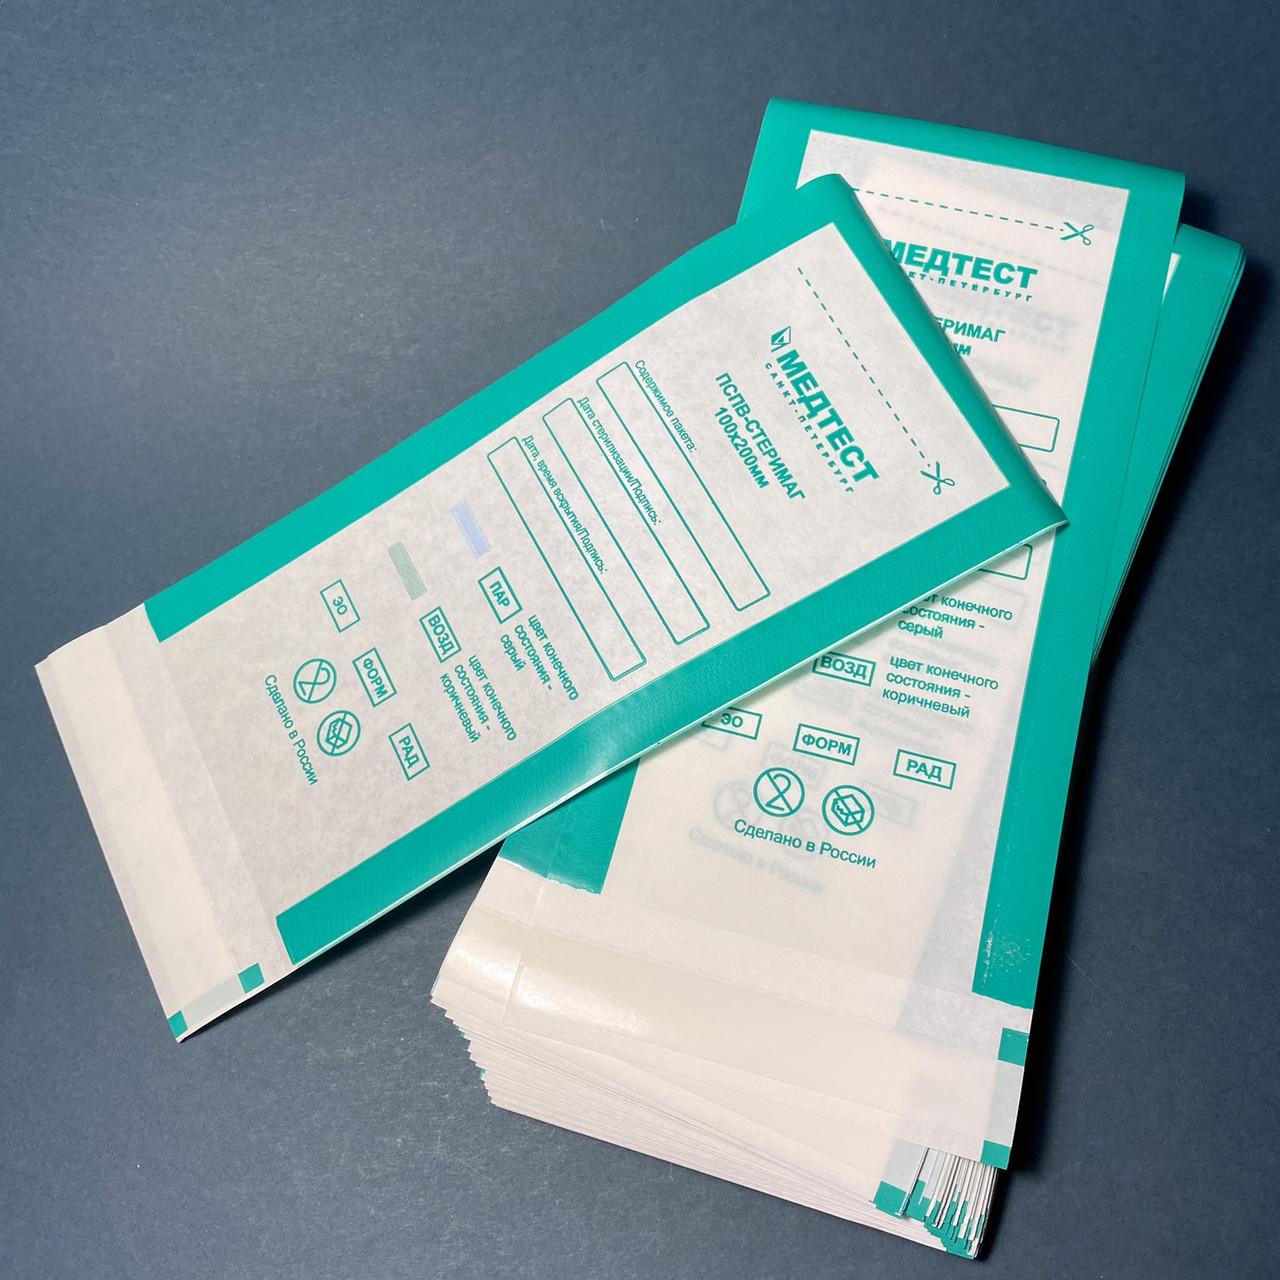 Крафт пакет-пленка для стерилизации инструментов  Медтест 100*200 мм 100шт